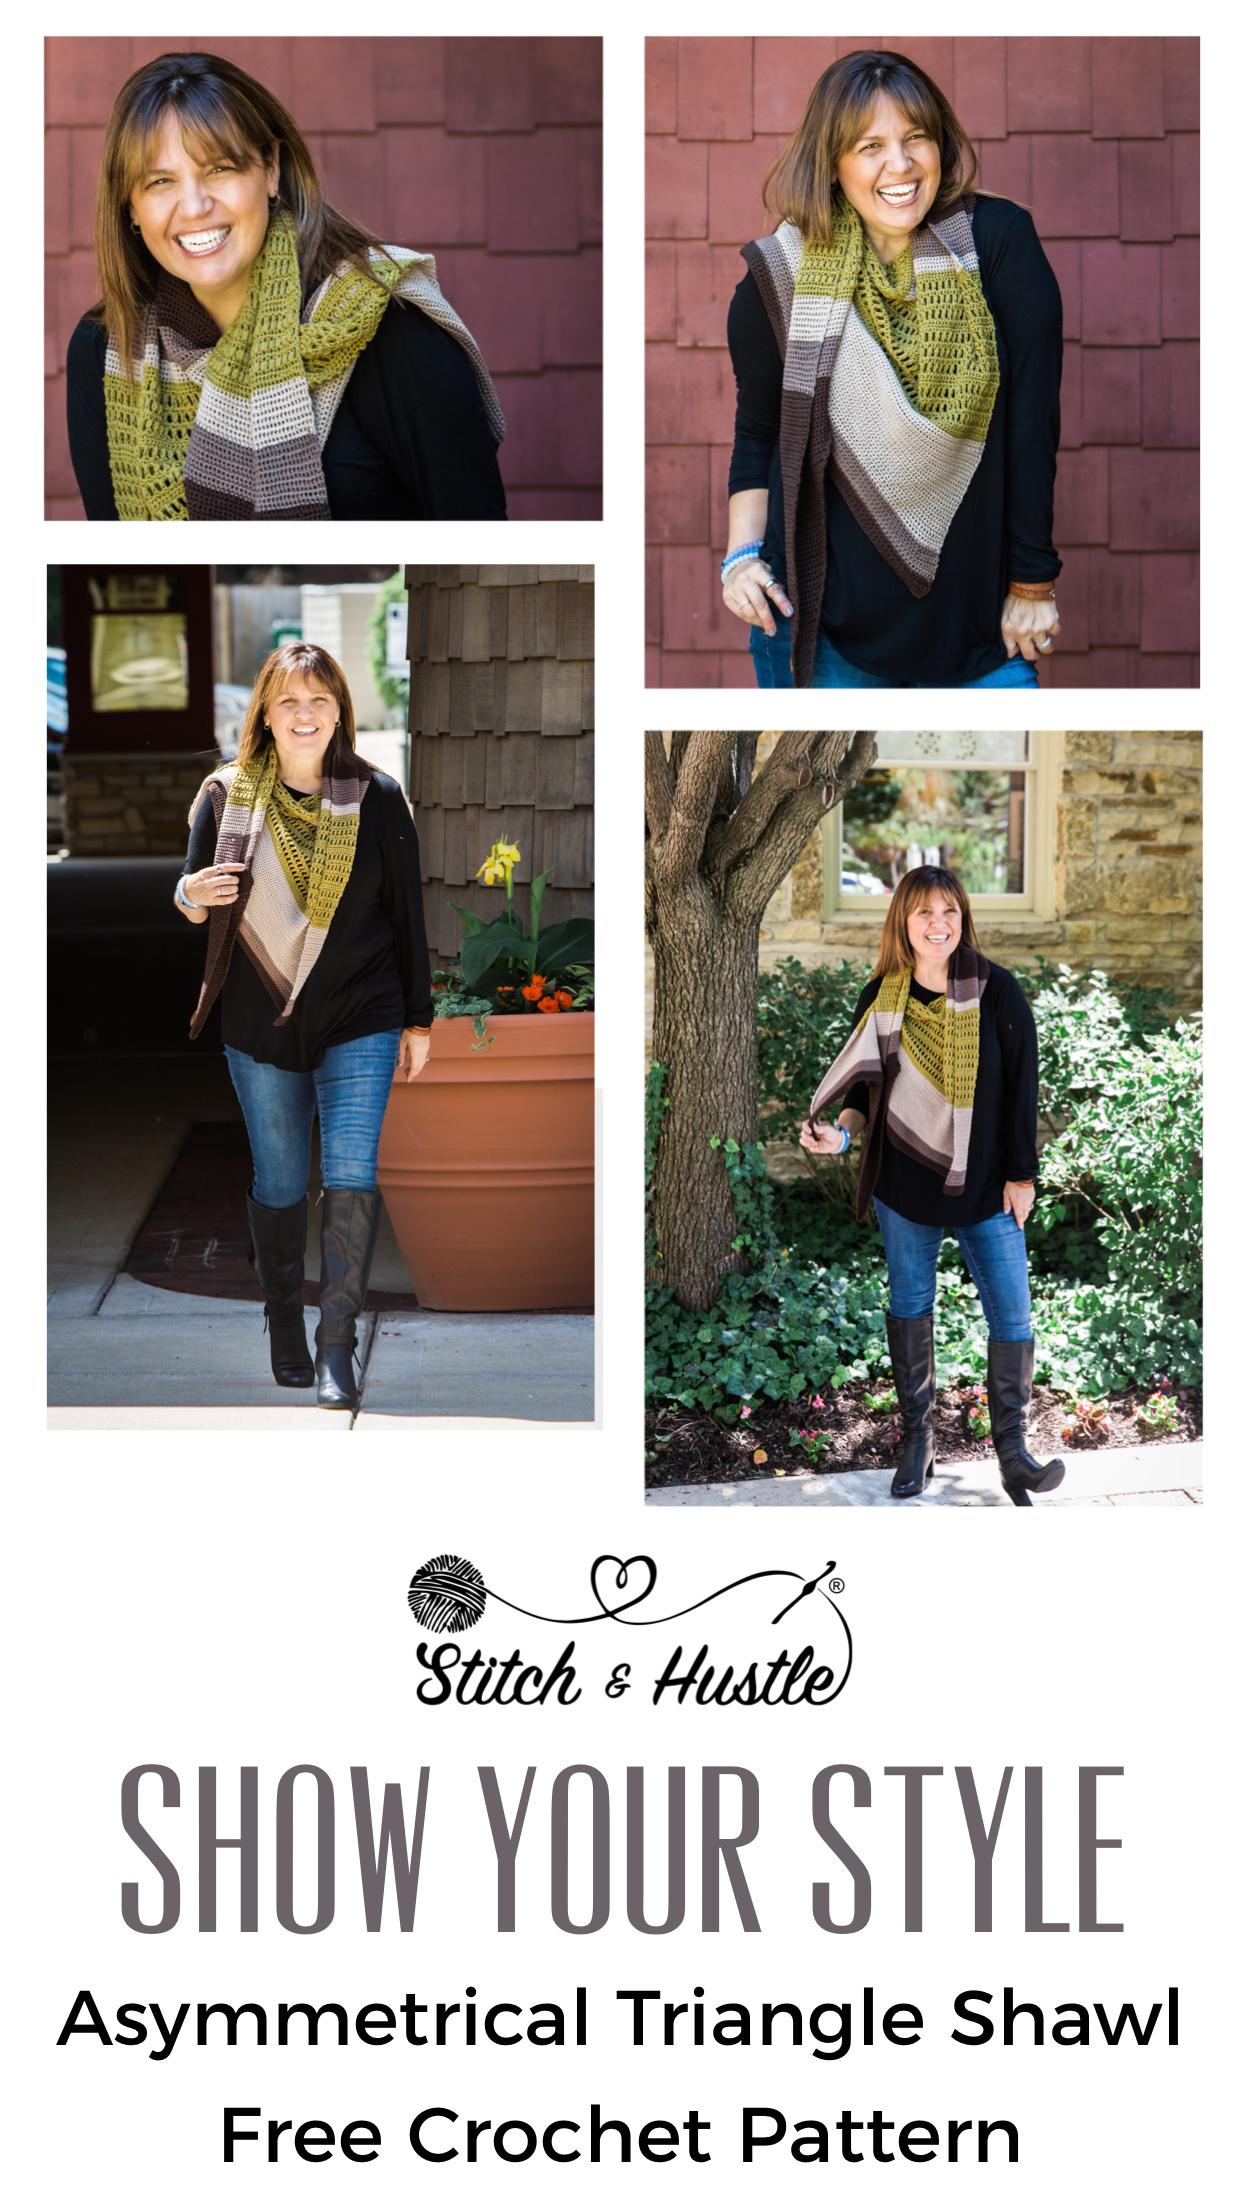 Flatiron_shawl_asymmetrical_triangle_shawl_free_crochet-pattern-8.jpg